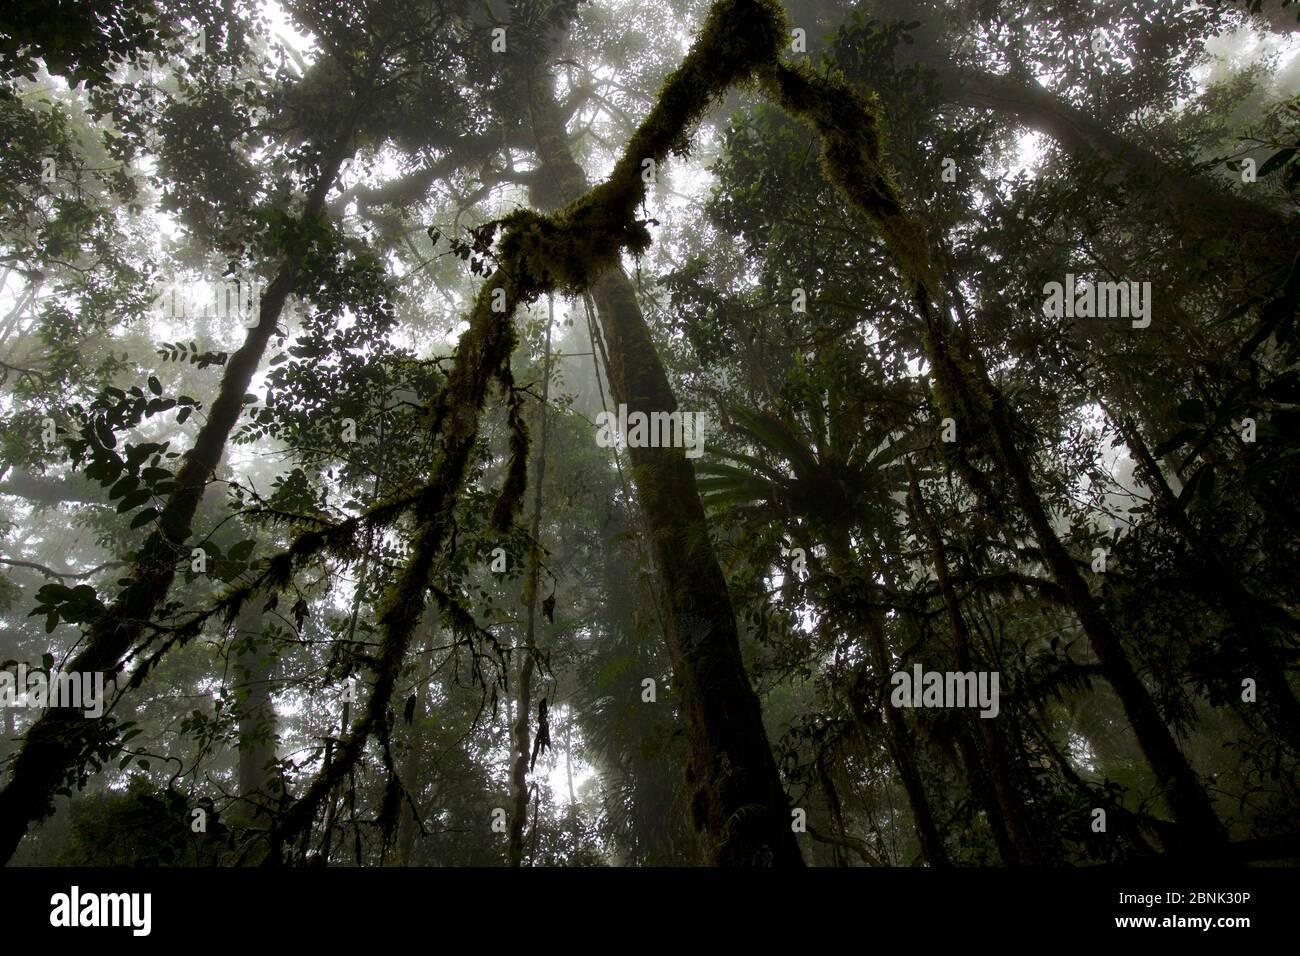 Vue dans la canopée de la forêt tropicale montagnarde à 2200 m d'altitude dans les montagnes Arfak, Papouasie occidentale, Indonésie. Banque D'Images